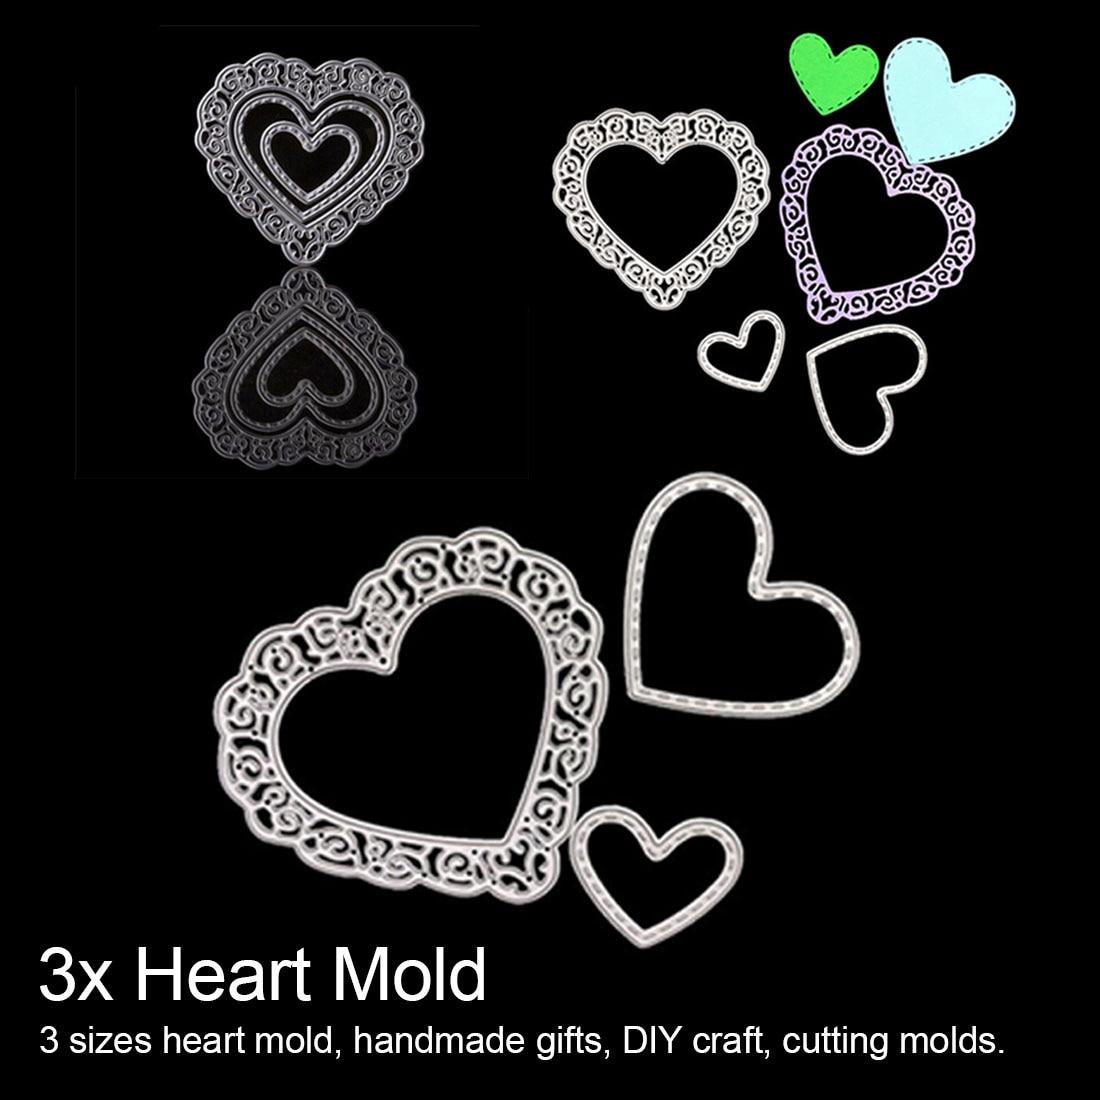 Troqueles de corte de Scrapbooking 3x corazón acero de carbono en relieve rompecabezas creativo desarrollo cuchillo molde personalidad cuchillo troqueles de corte